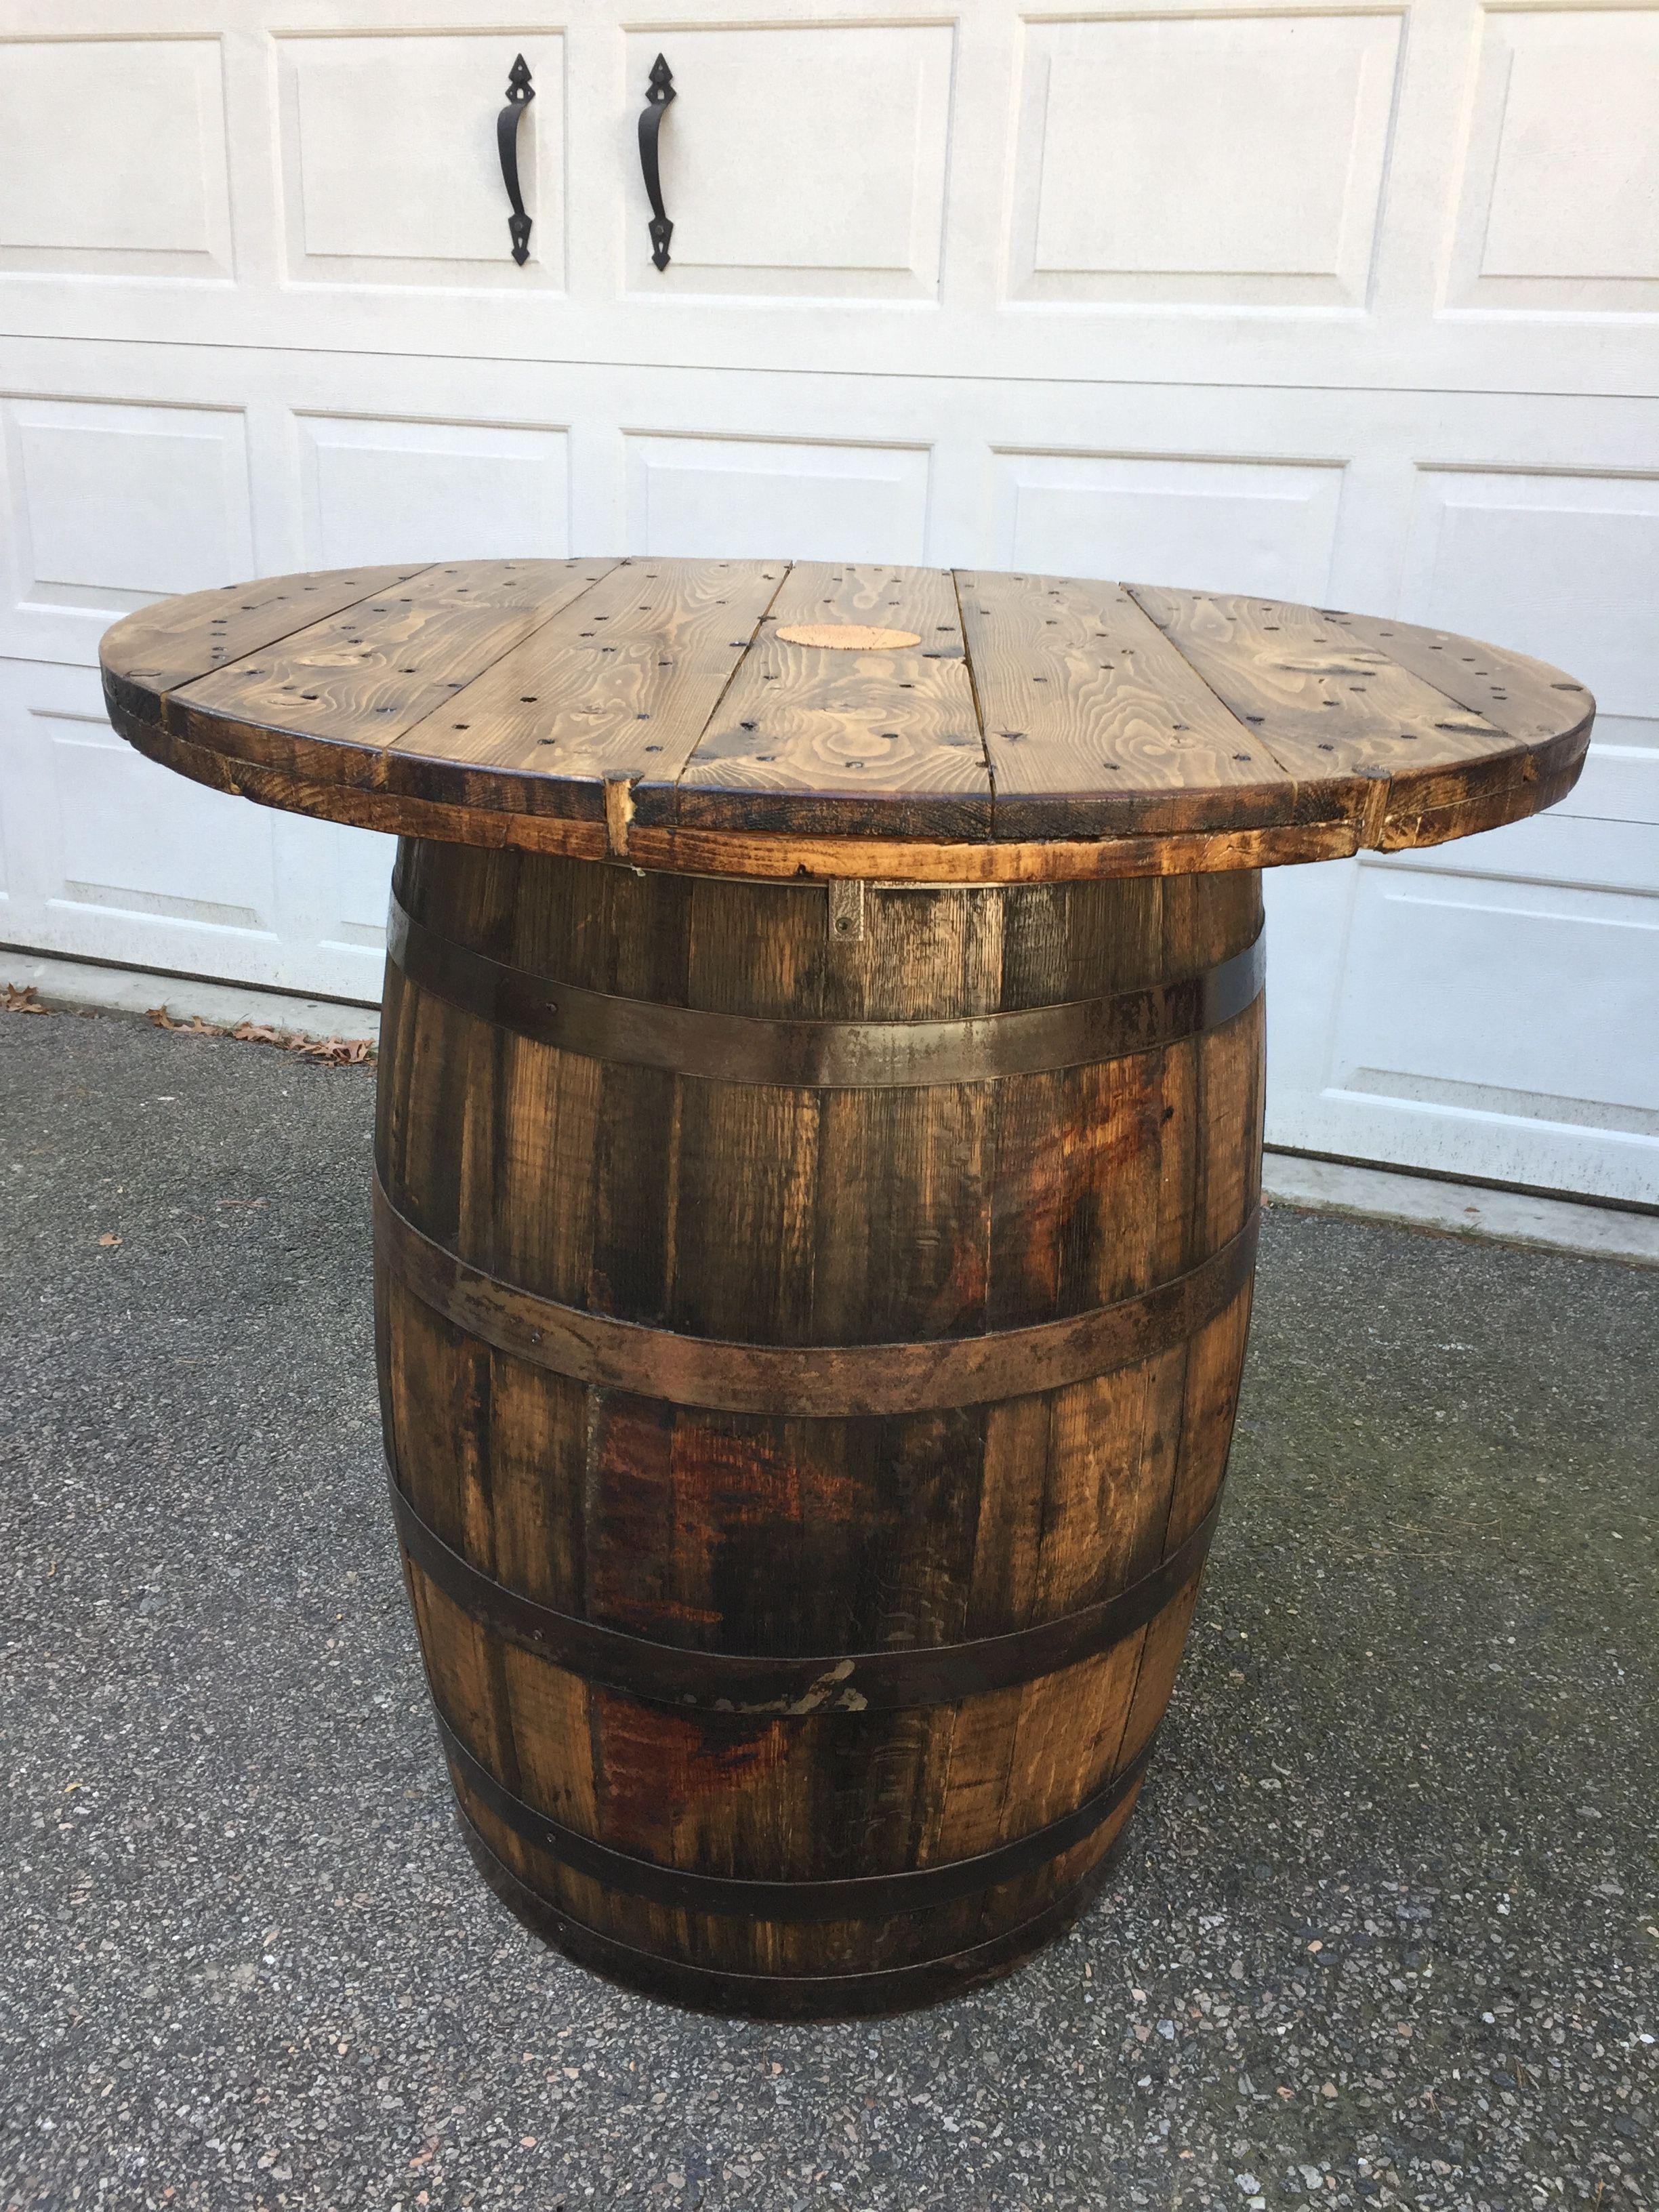 Wine Barrel Table | Wine barrel table, Barrel table, Barrel